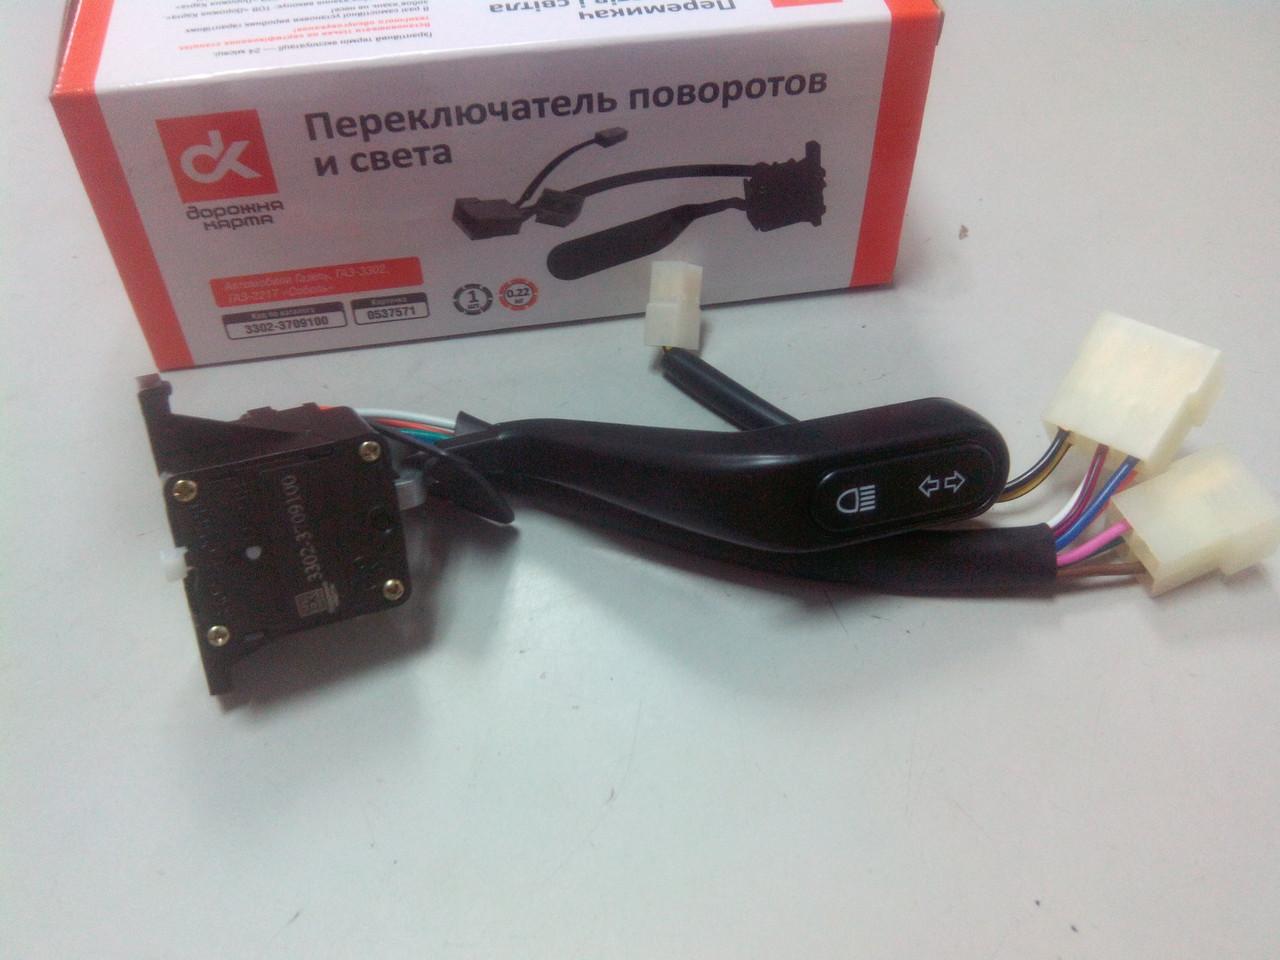 Перекл. поворотов и света ГАЗ 3302 (света)